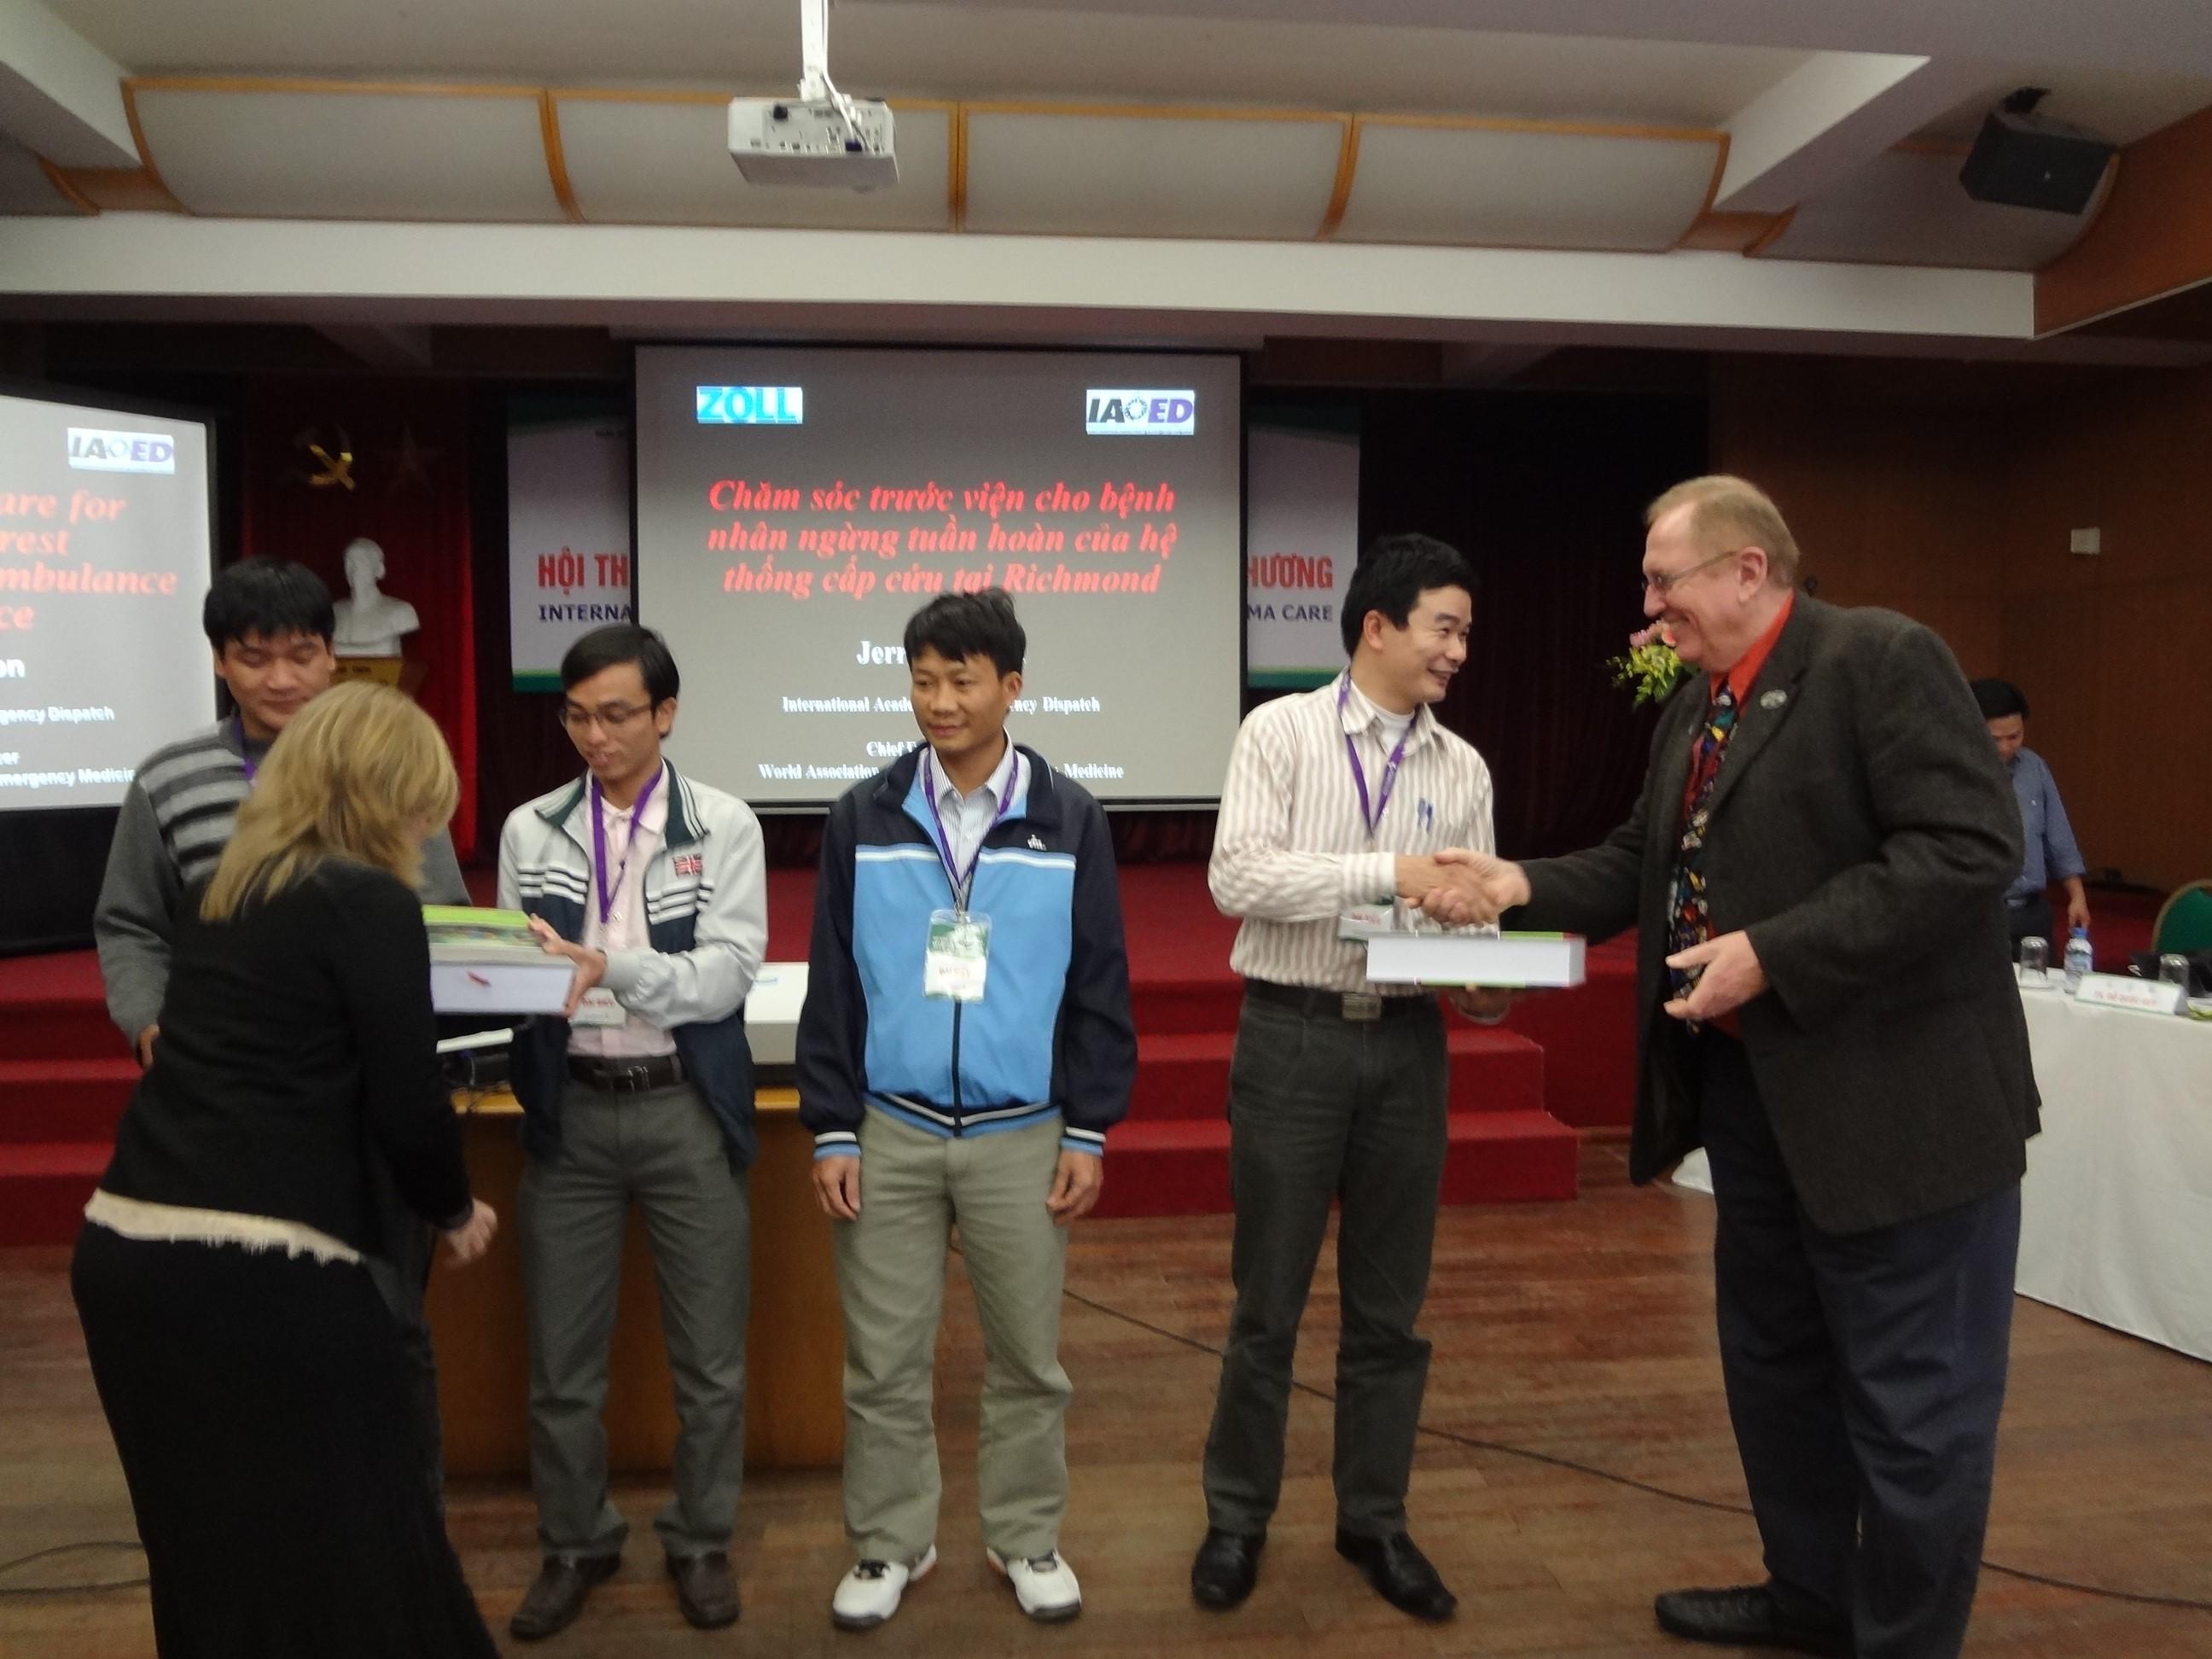 Học viên CK1 khóa 1 tham dự hội nghị quốc tế Cấp cứu đa khoa và nhận quà tặng của các Chuyên gia Cấp cứu Hoa Kỳ